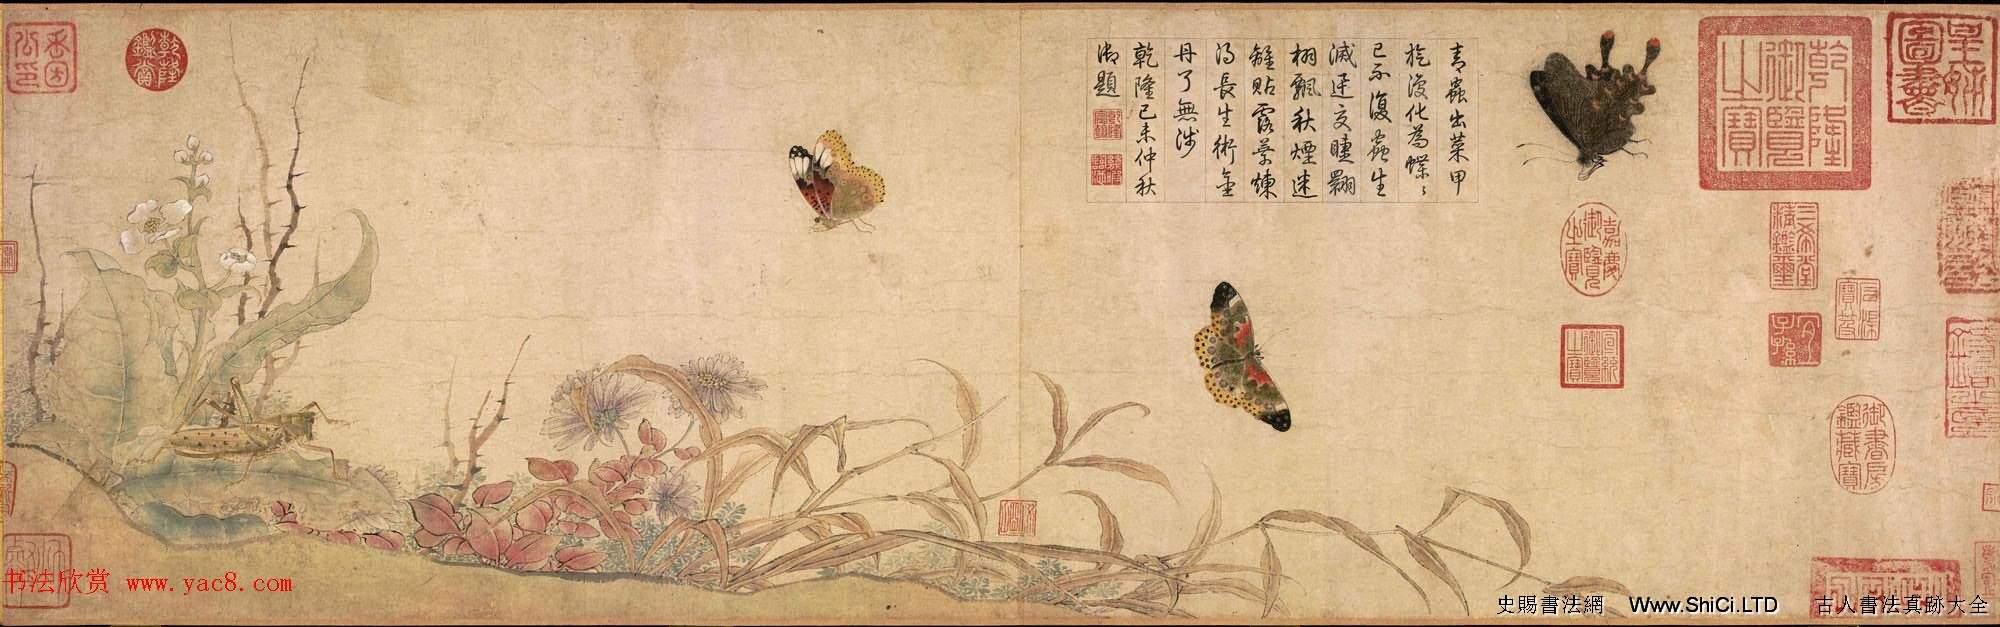 北宋宮廷畫家趙昌繪畫賞析《寫生蛺蝶圖卷》(共4張圖片)